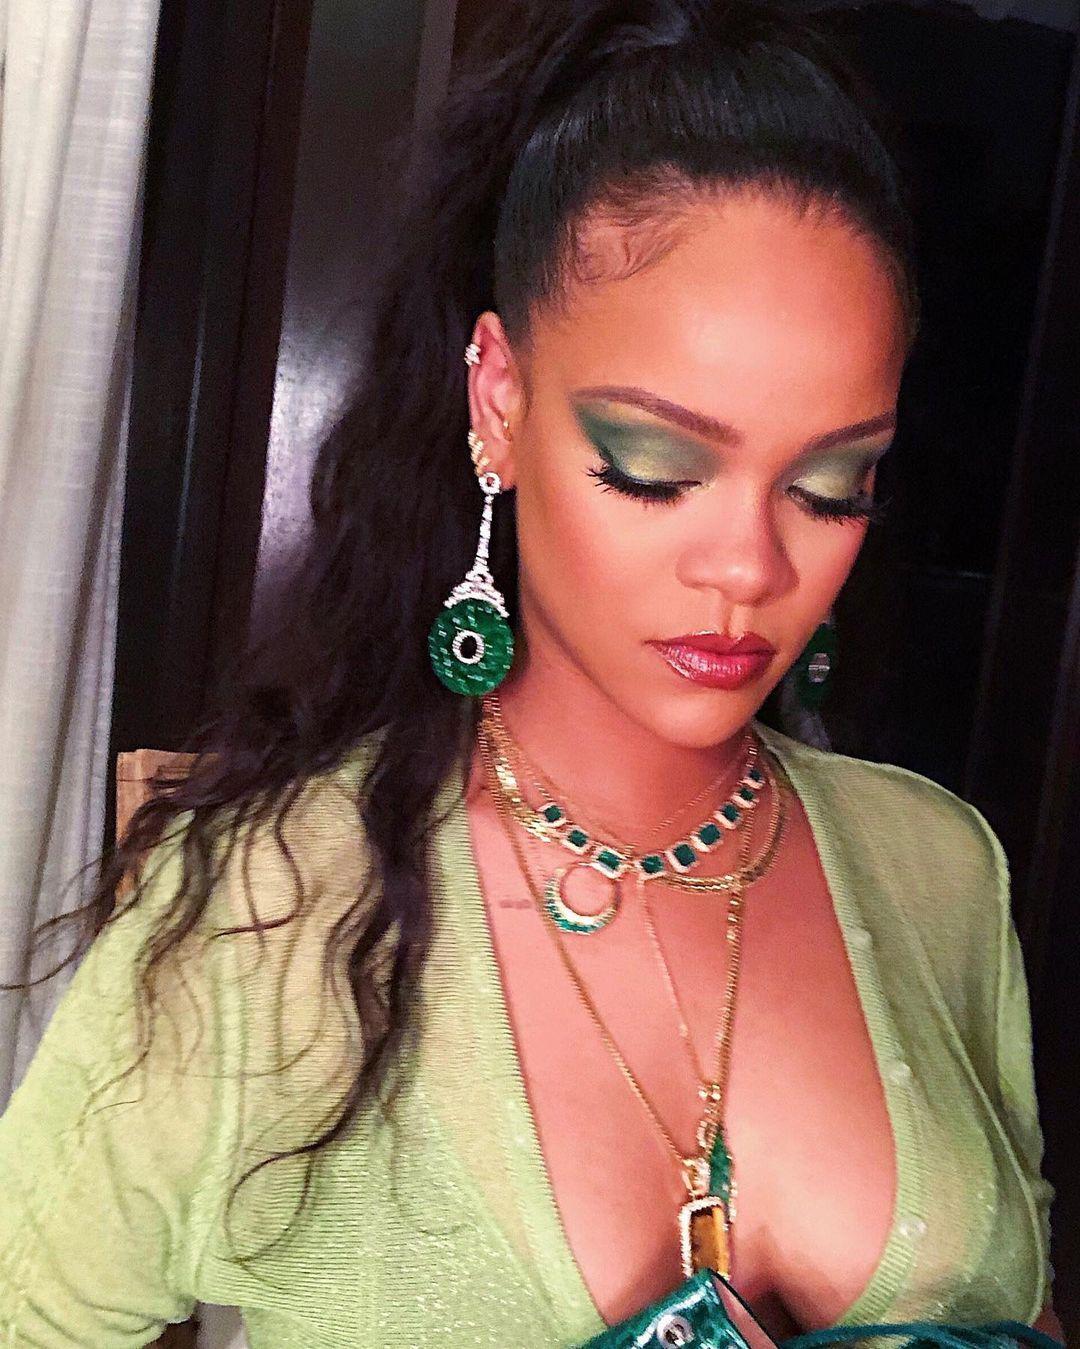 Новогодний бьюти-тренд: делаем макияж с зелеными тенями как у Рианны Новости красоты